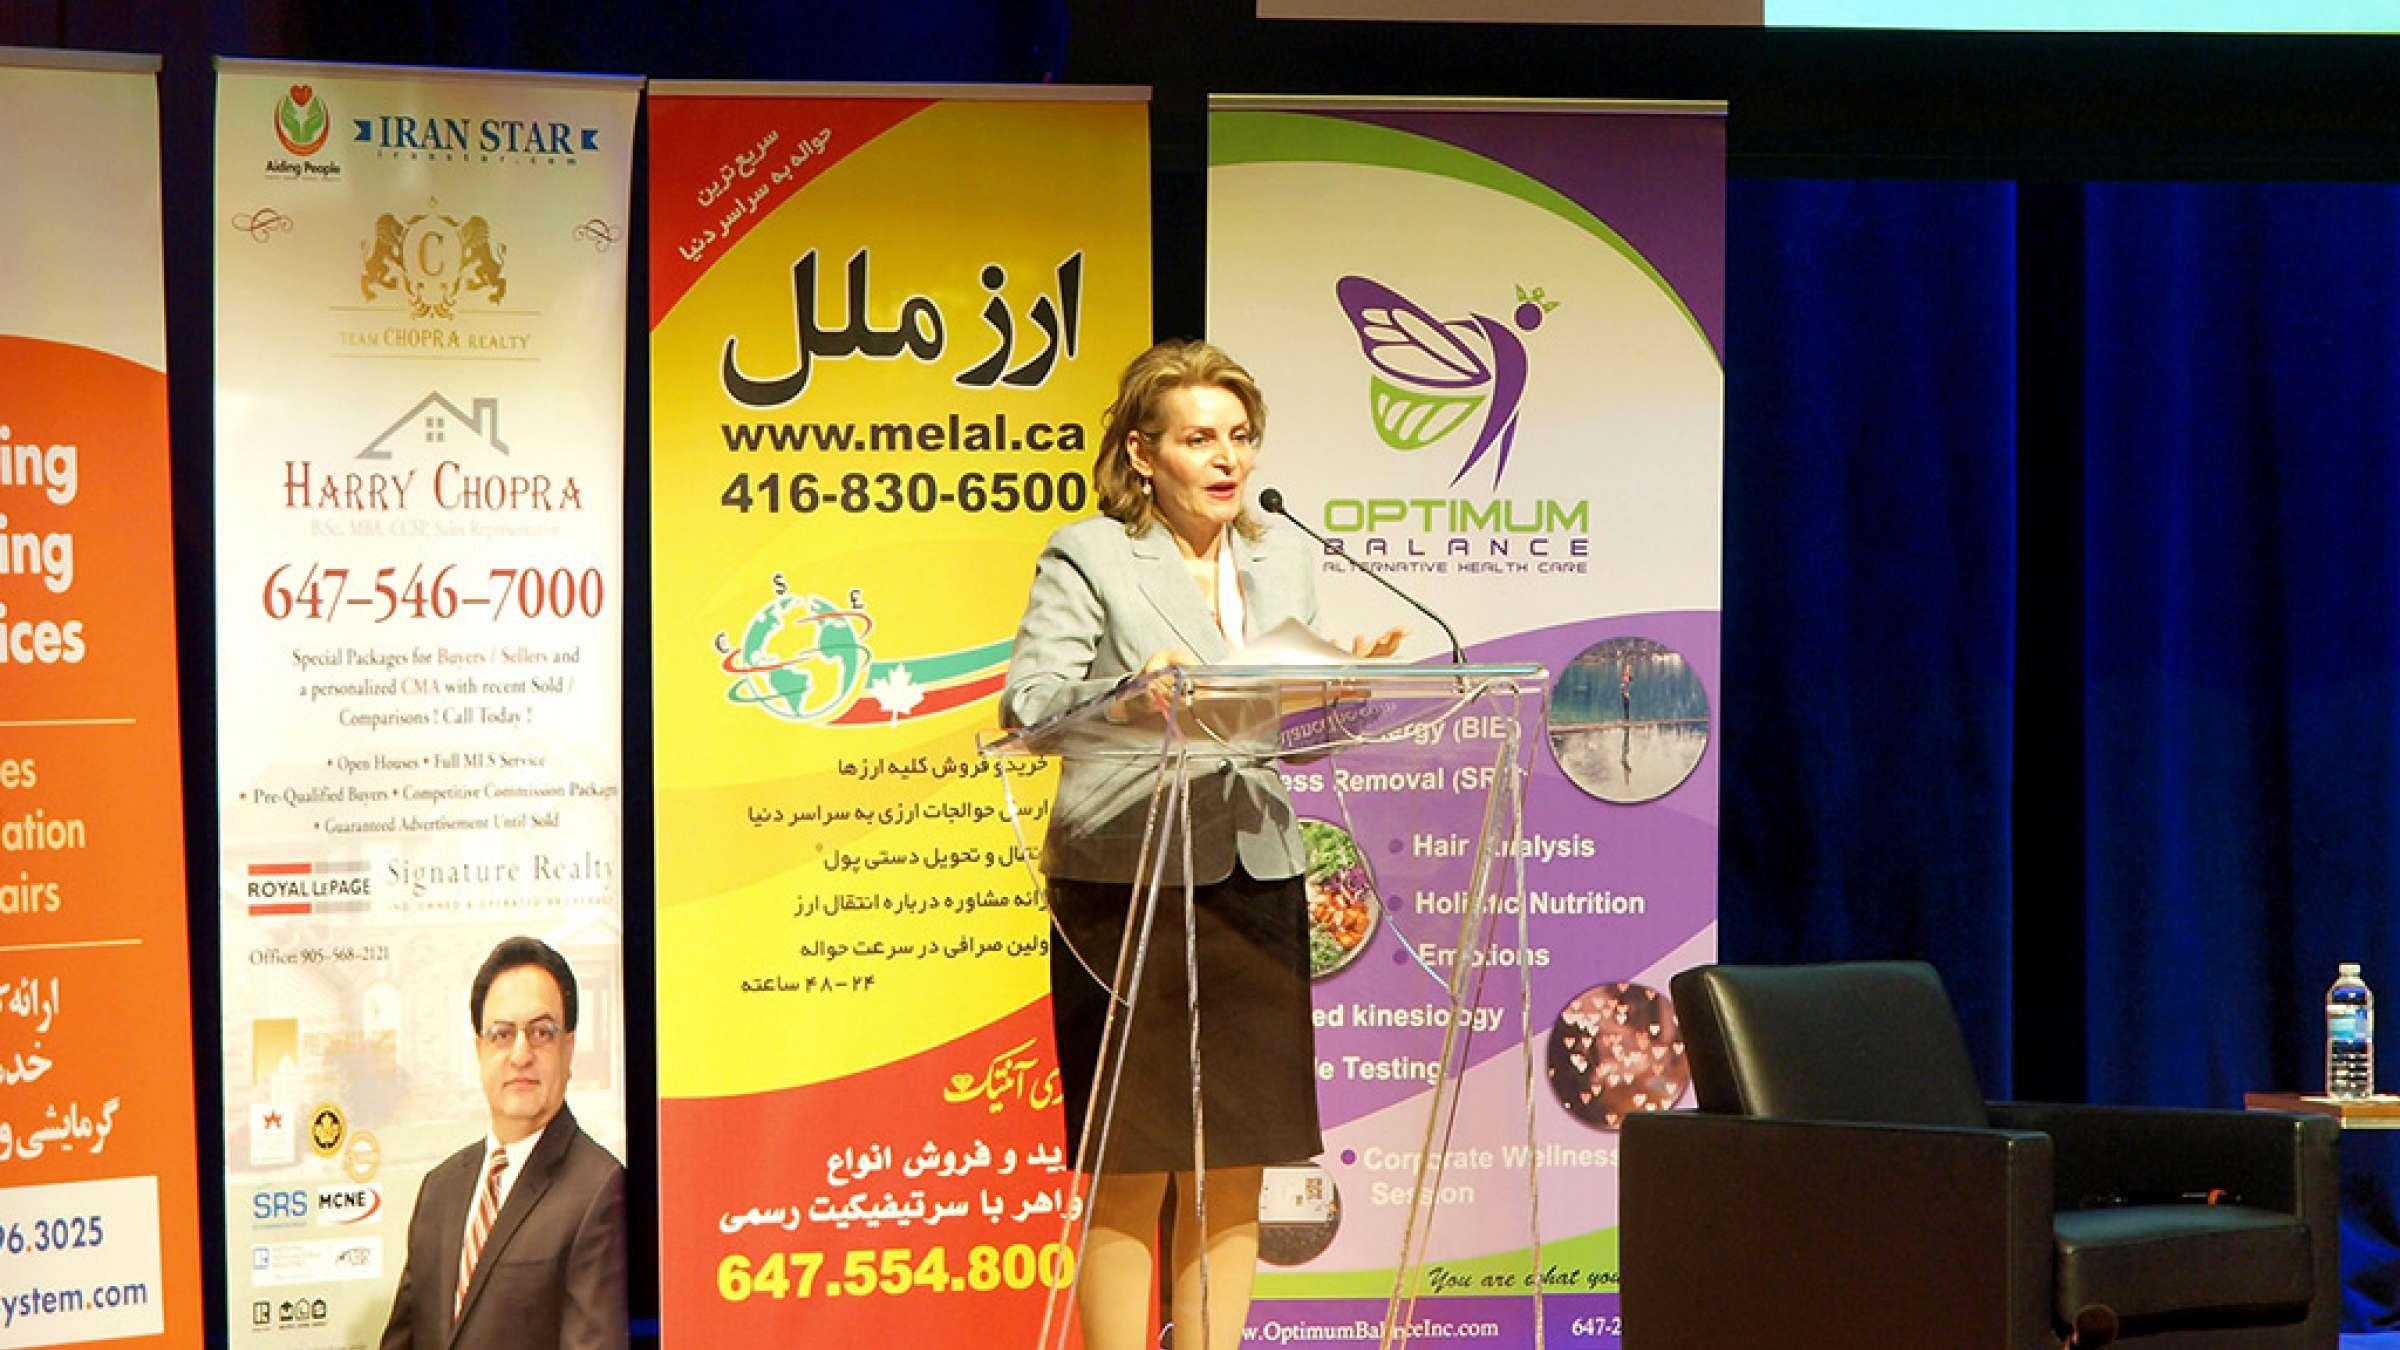 گزارش-روز-برگزاری-بزرگترین-سمینار-سرطان-ایرانیان-در-کانادا-دکتر-نسترن-ادیبراد